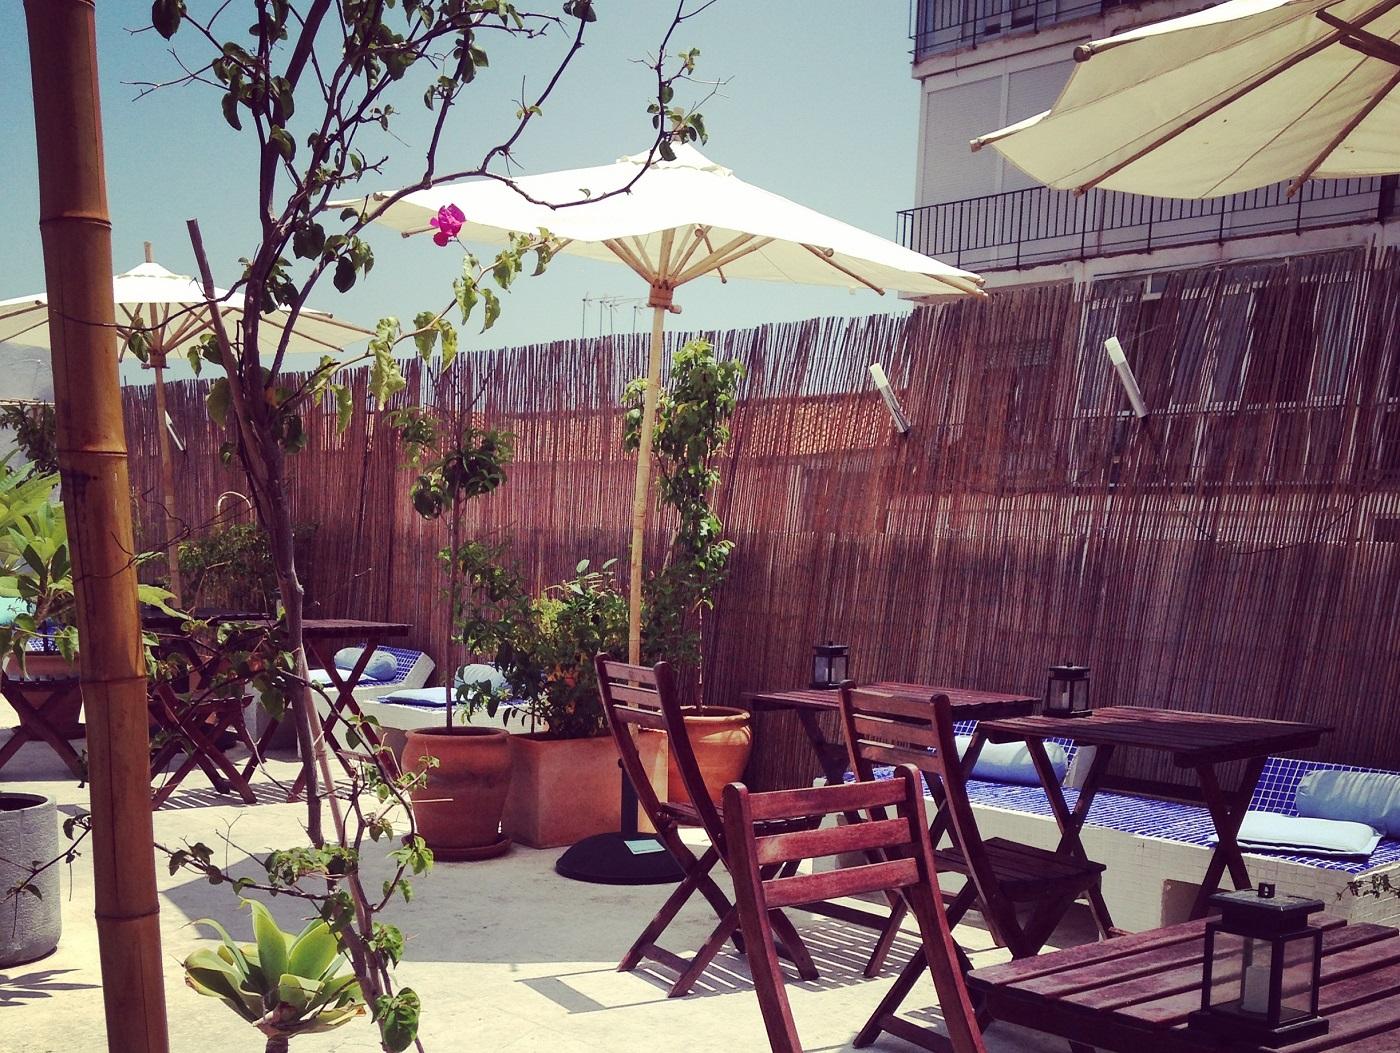 Casa Al Sur Terreza - Where to Stay in Malaga